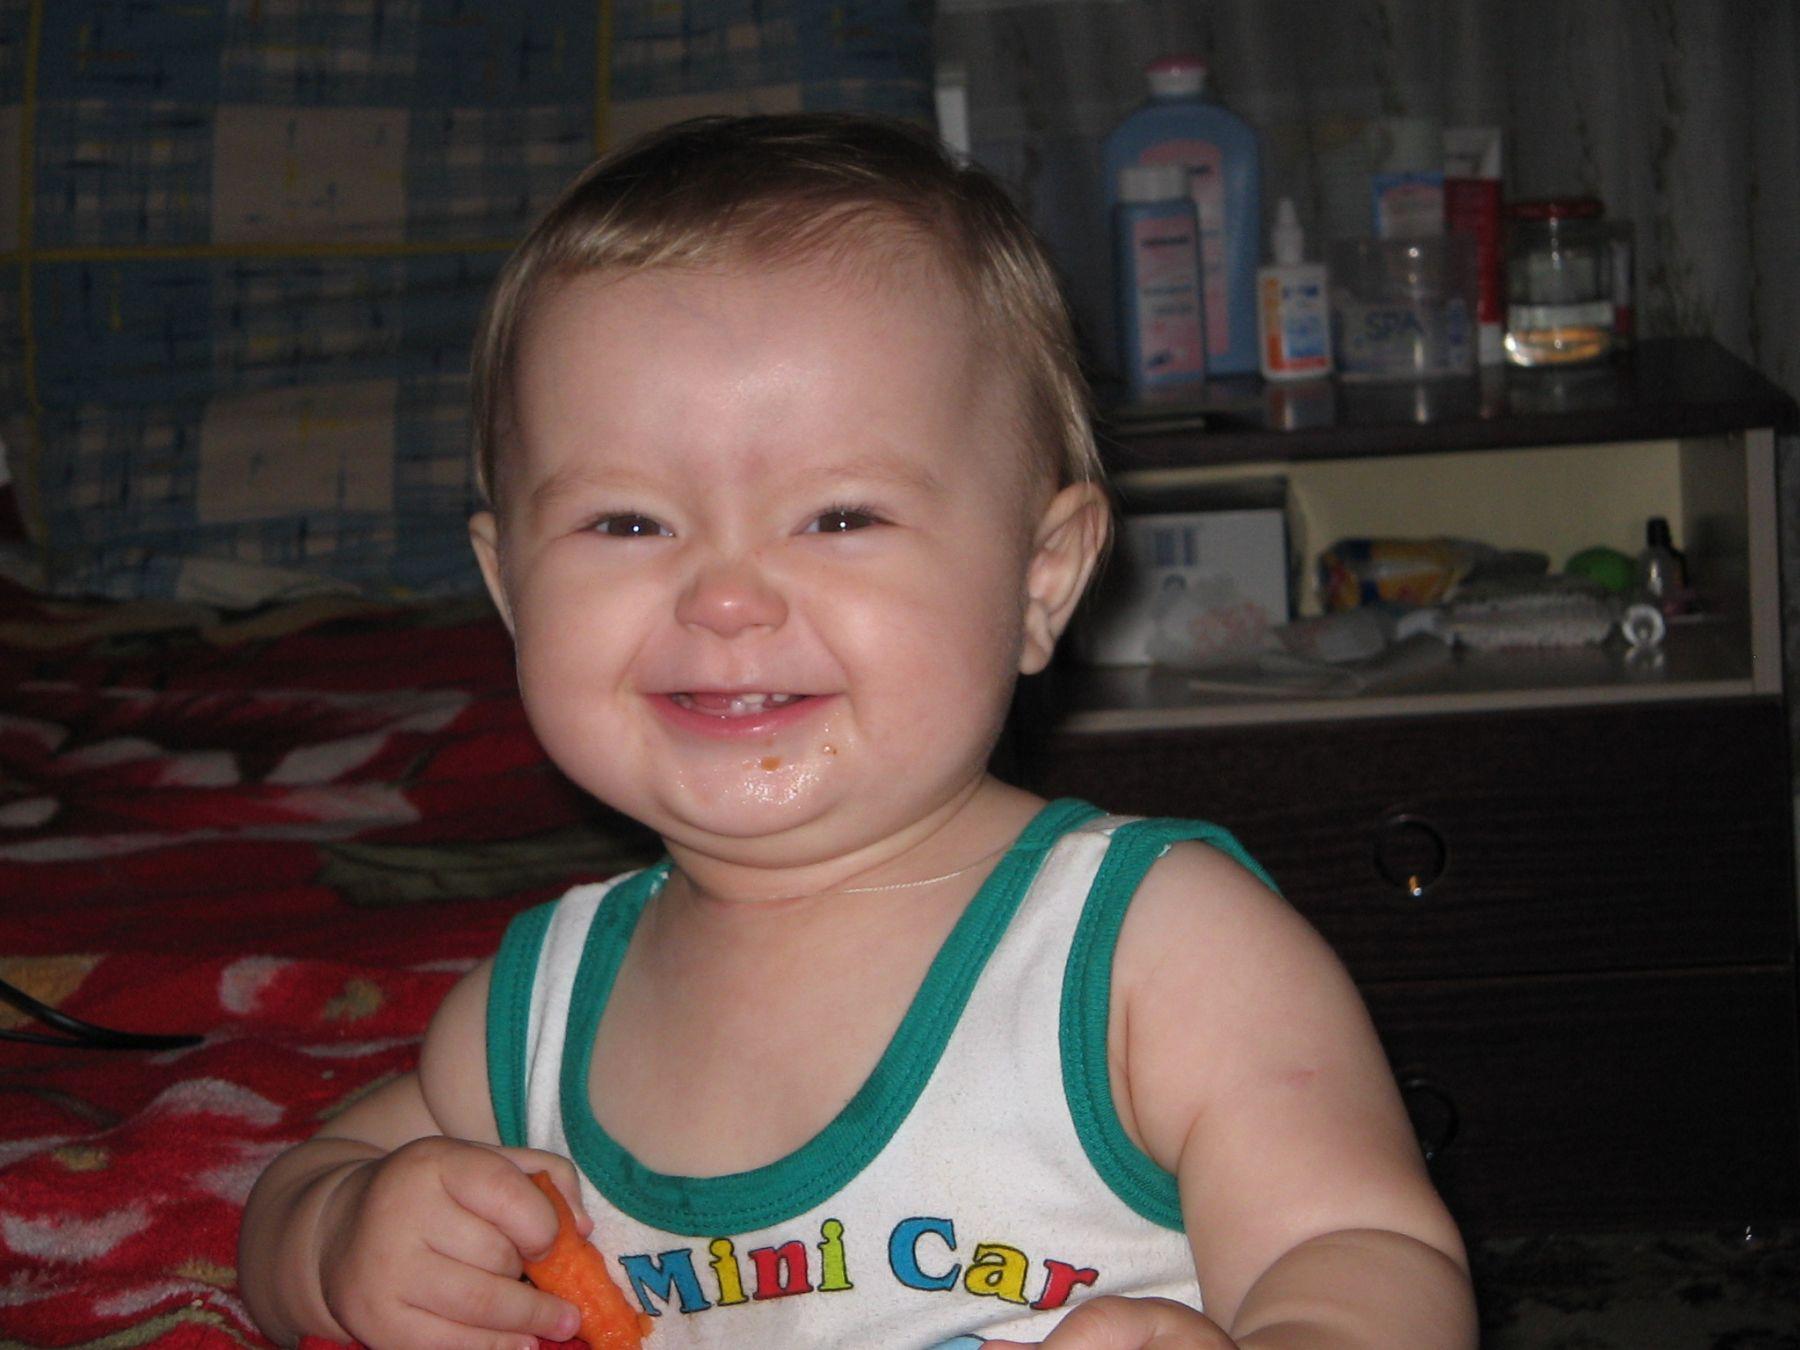 Голливудская улыбка во все четыре зуба))). Время улыбаться